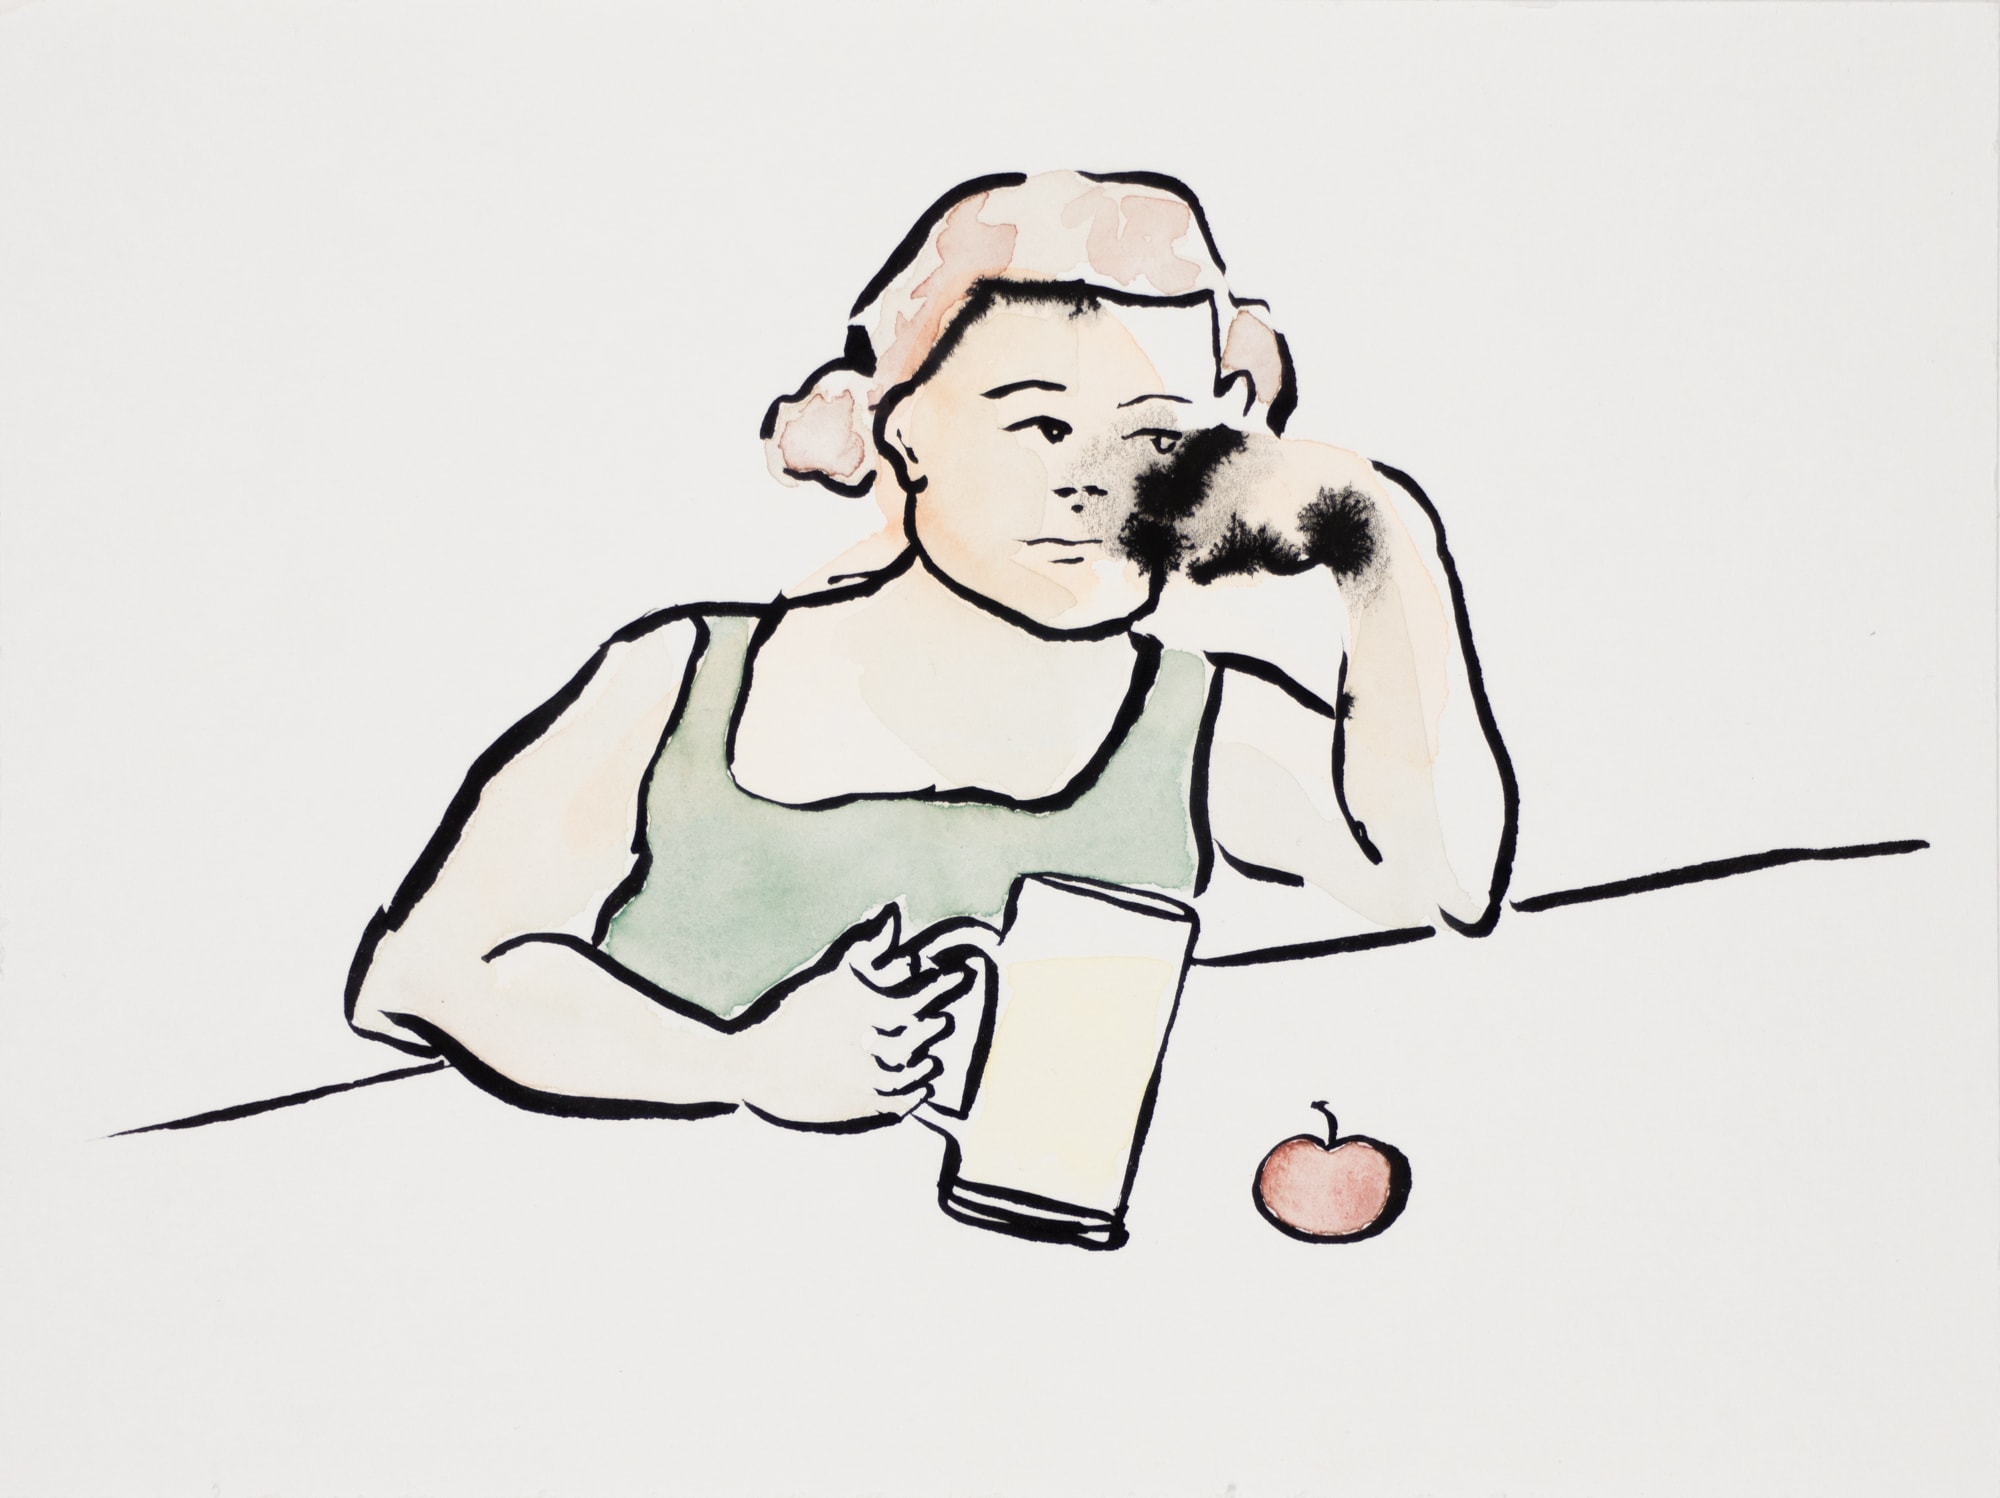 Zeichnung, Aquarell und Tusche auf Papier, 24x18cm, Frau mit Krug, Künstlerin: Franziska King